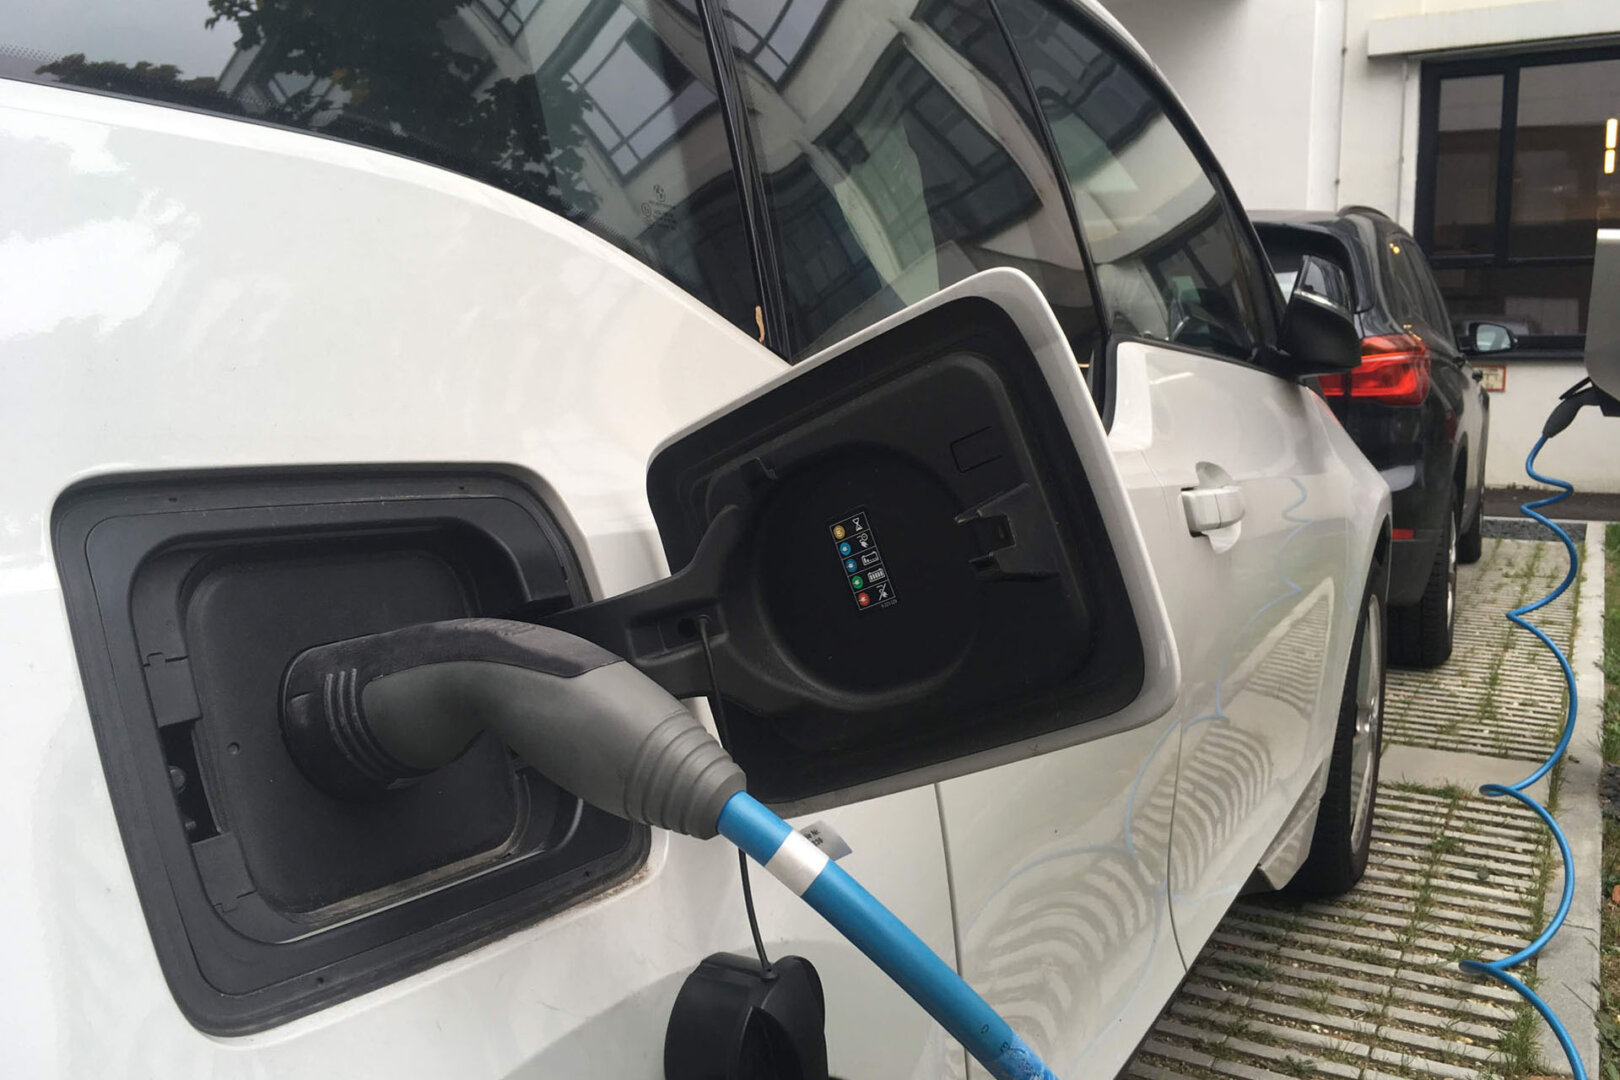 Elektroauto an Ladesäule angeschlossen, davor im Vordergrund ein Benzinauto